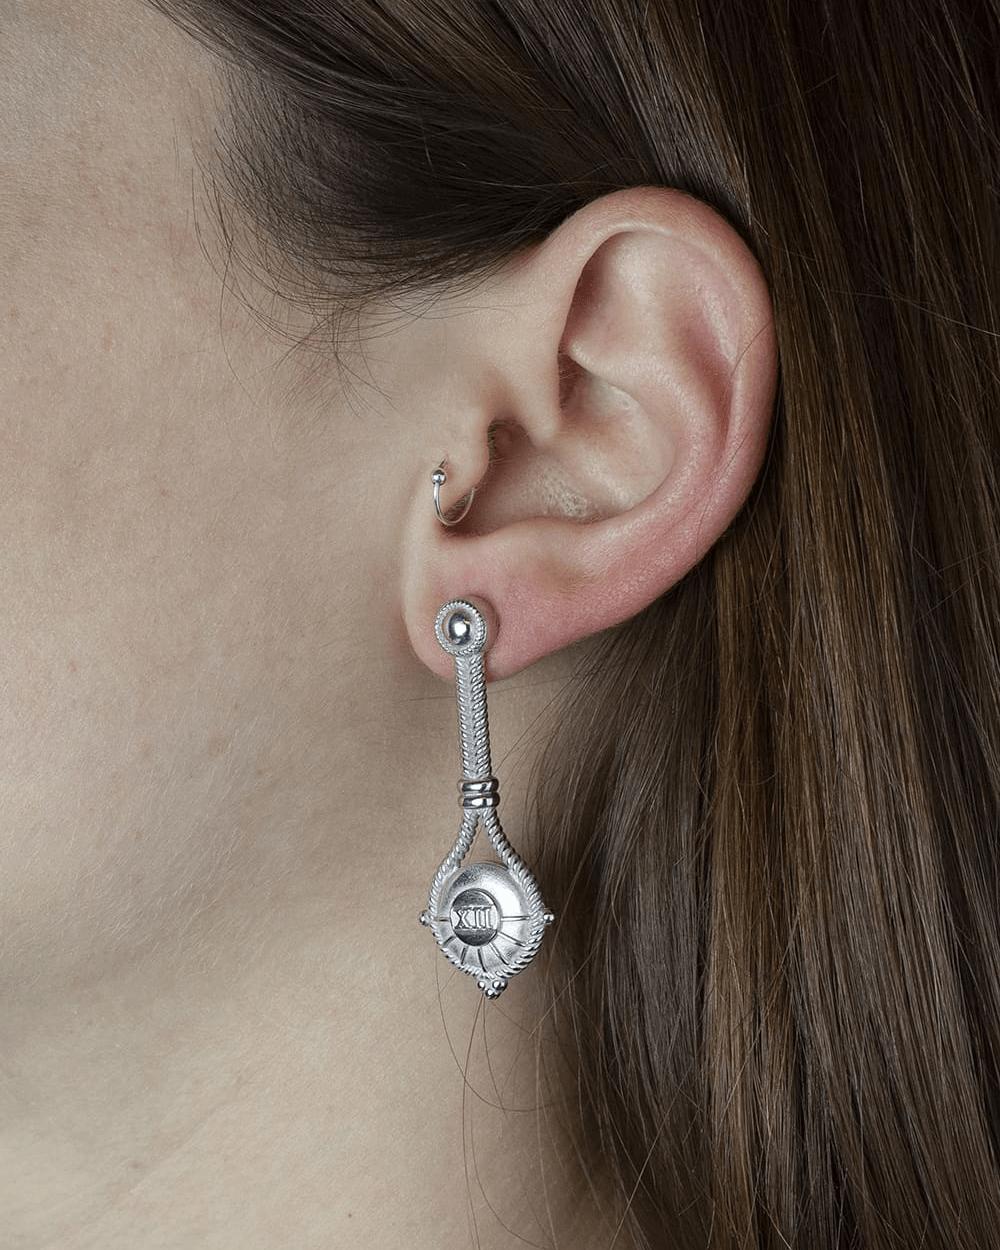 Earrings SILVER THE HANGED MAN PAIR EARRINGS NOVE25